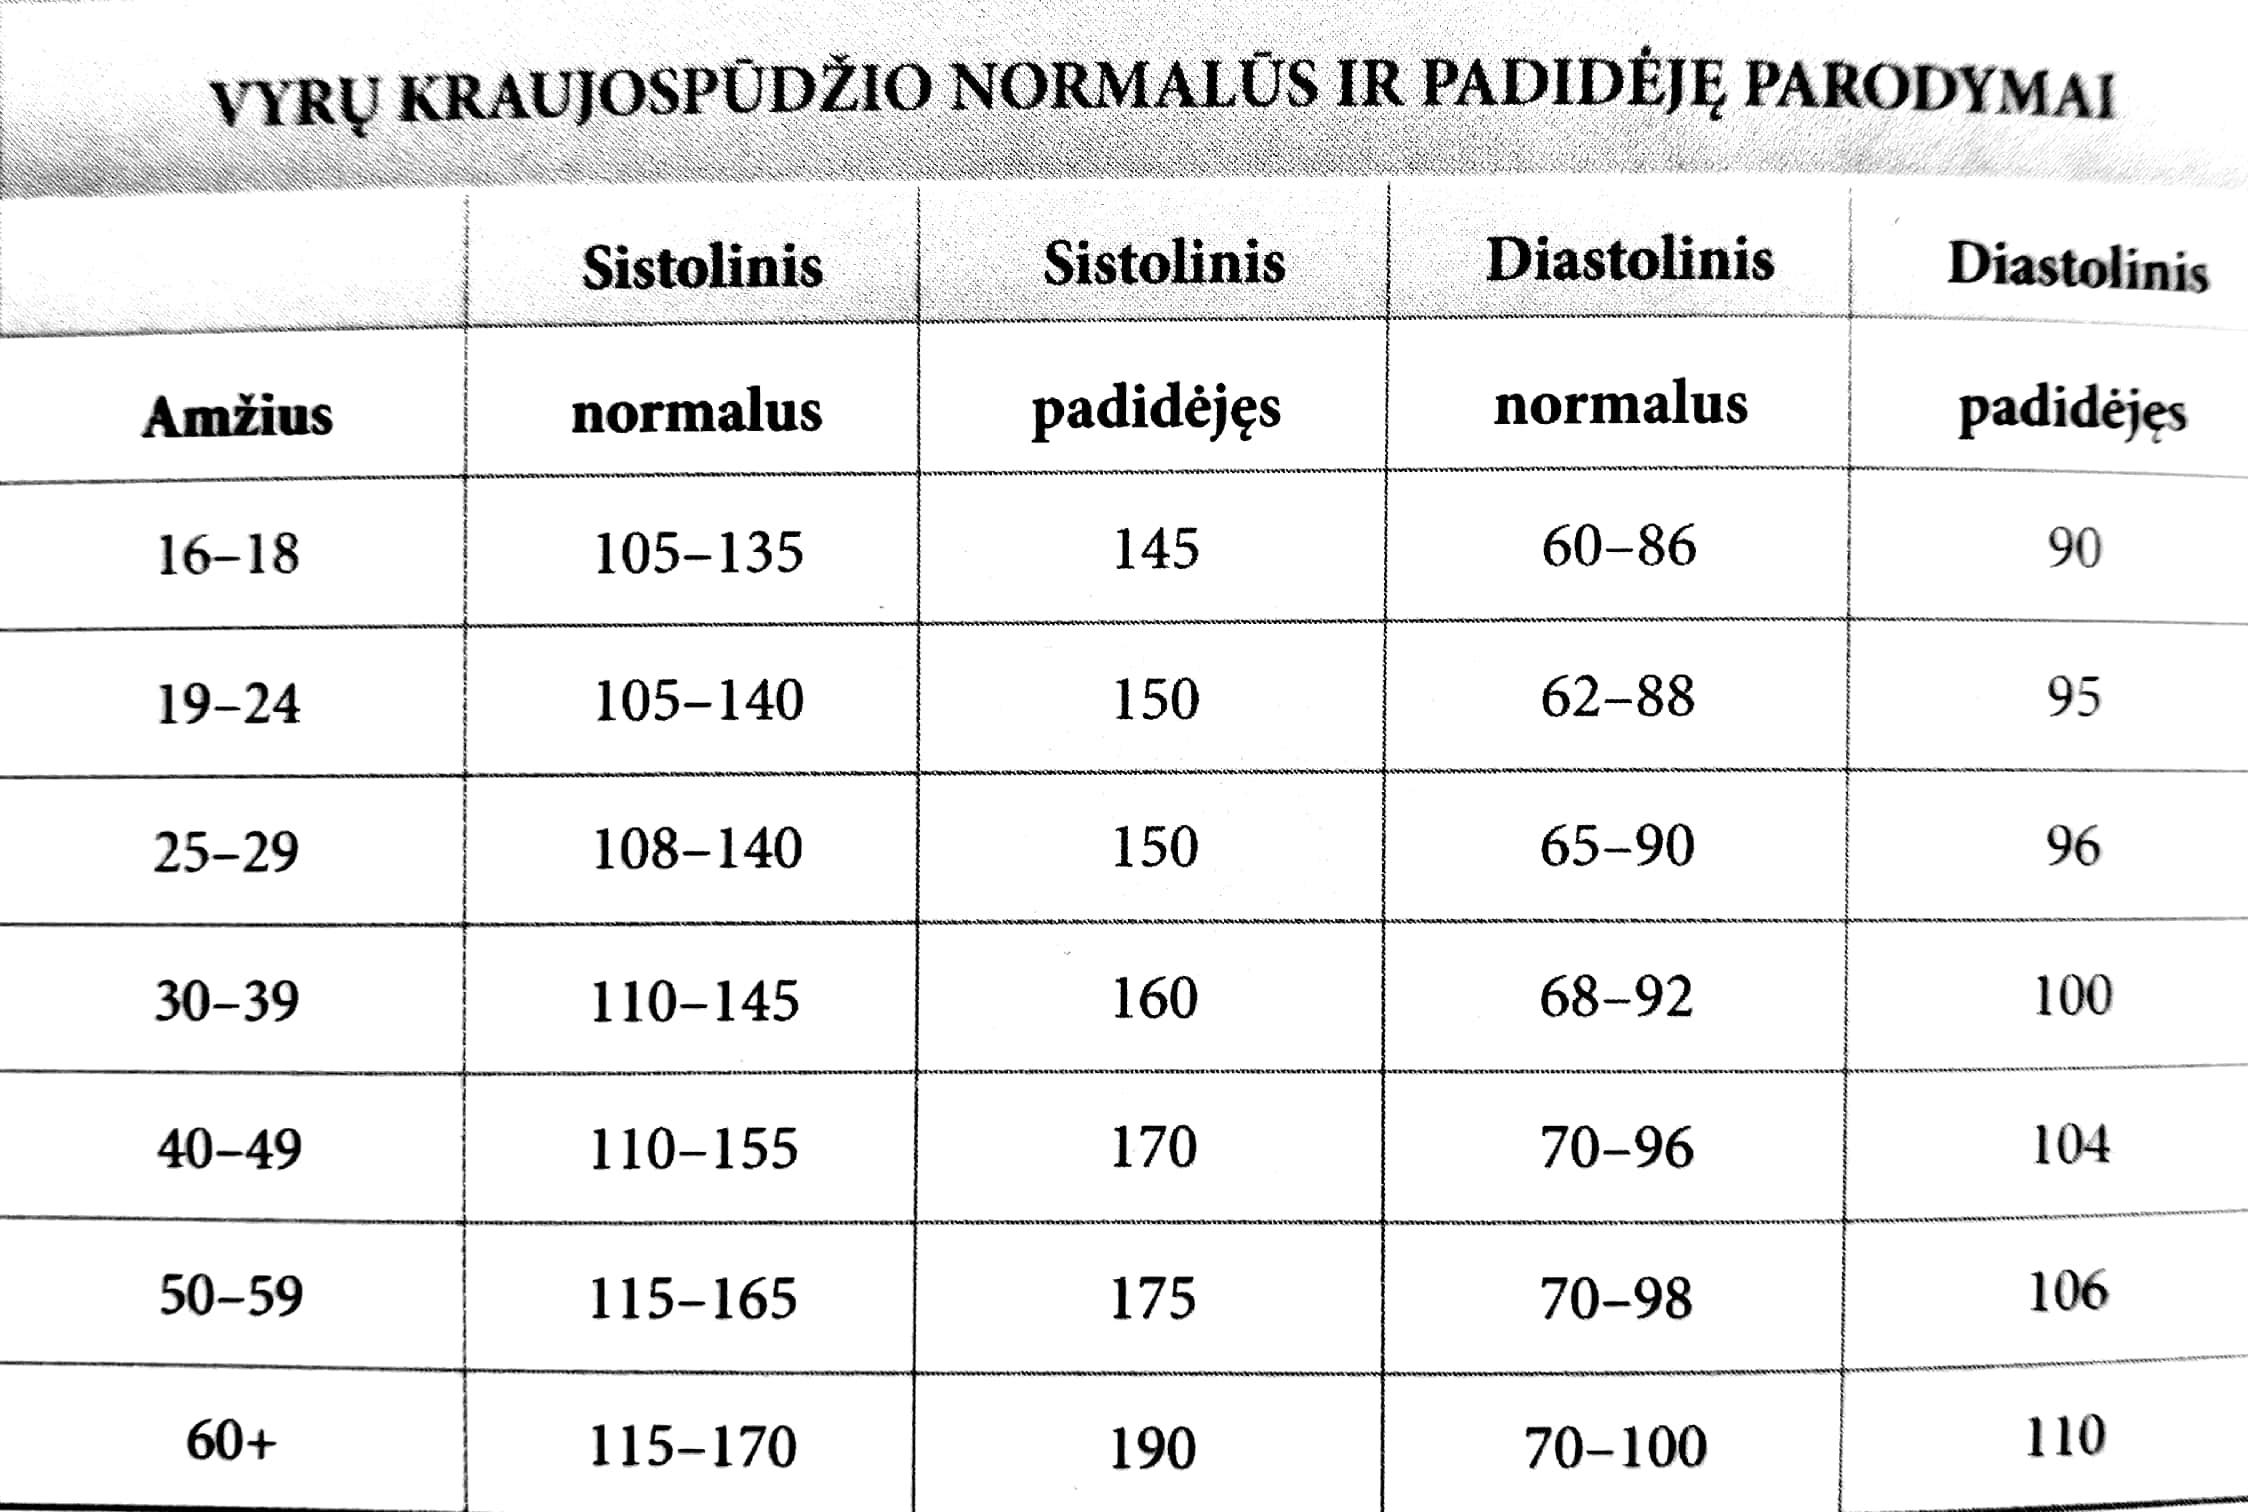 vaistai nuo hipertenzijos pagyvenusiam žmogui)